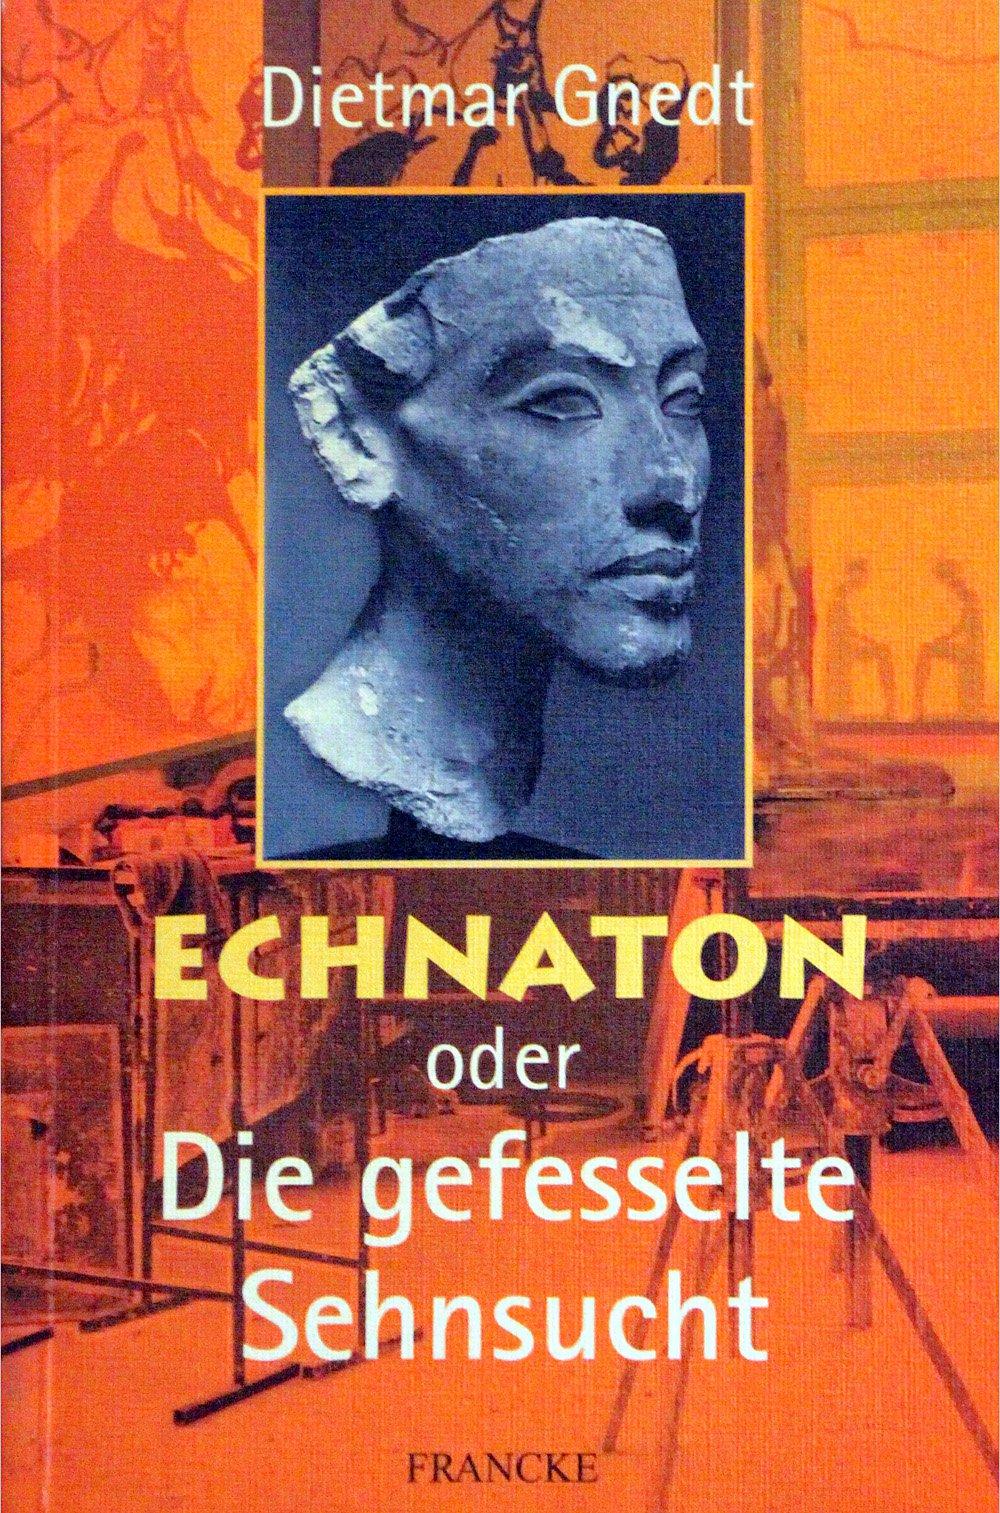 Roman: Echnaton oder Die gefesselte Sehnsucht